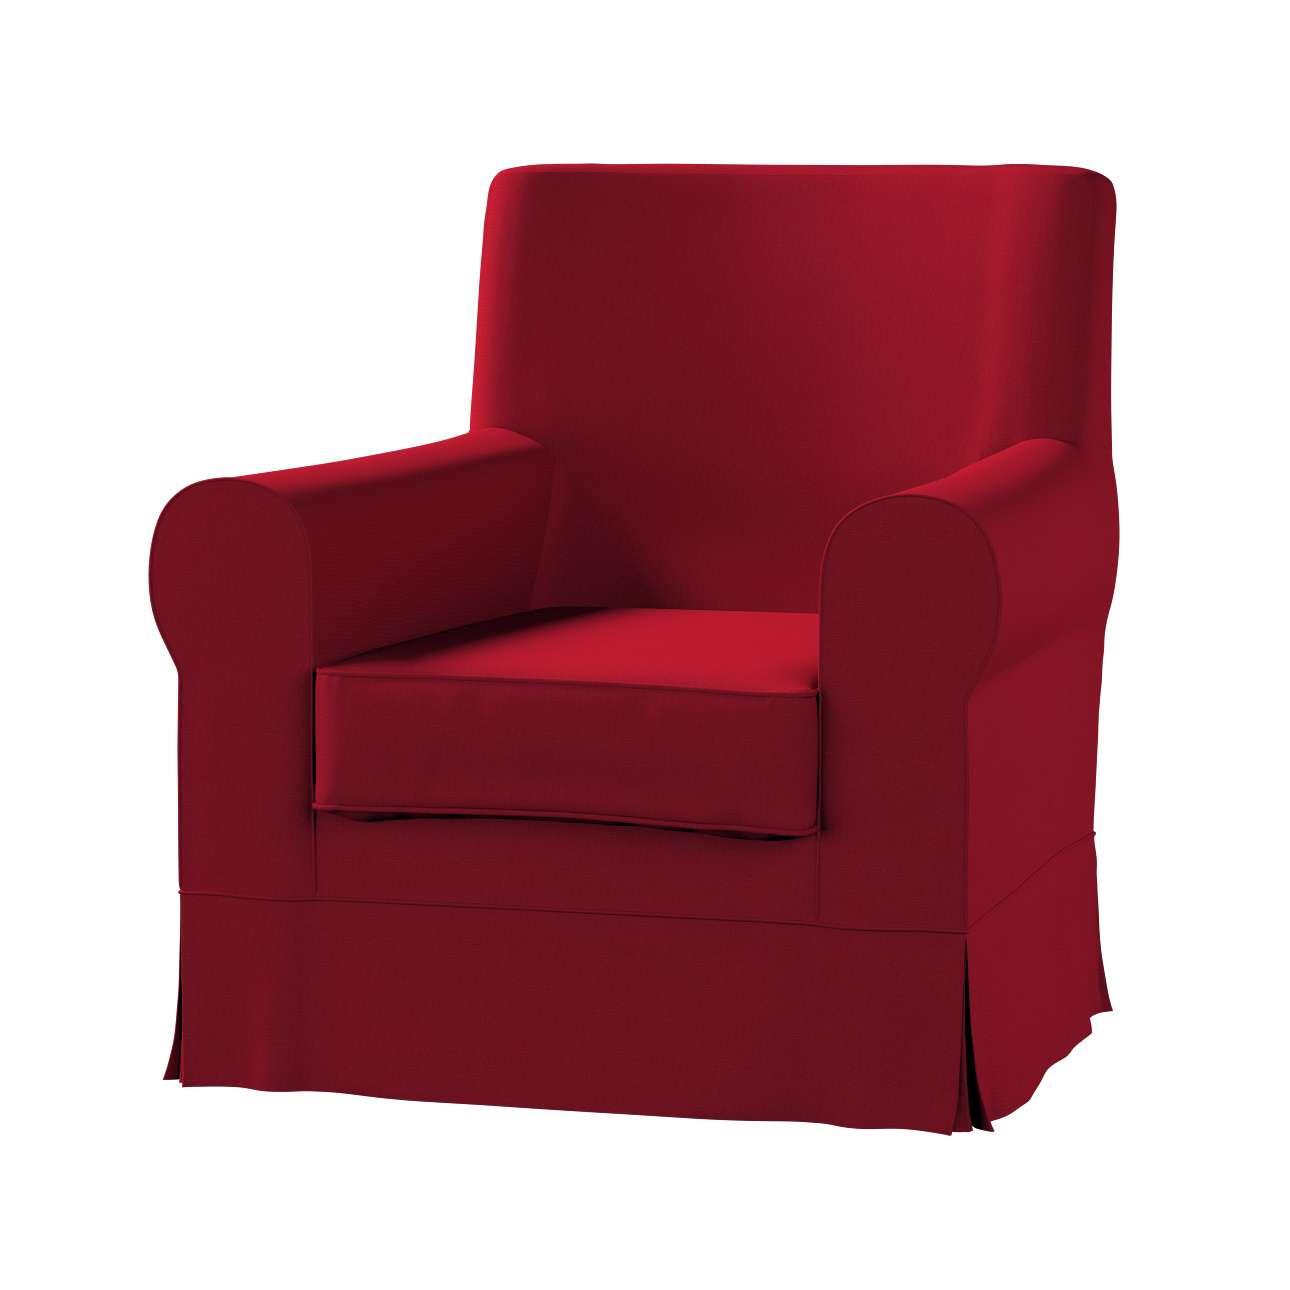 EKTORP JENNYLUND fotelio užvalkalas Ektorp Jennylund fotelio užvalkalas kolekcijoje Etna , audinys: 705-60